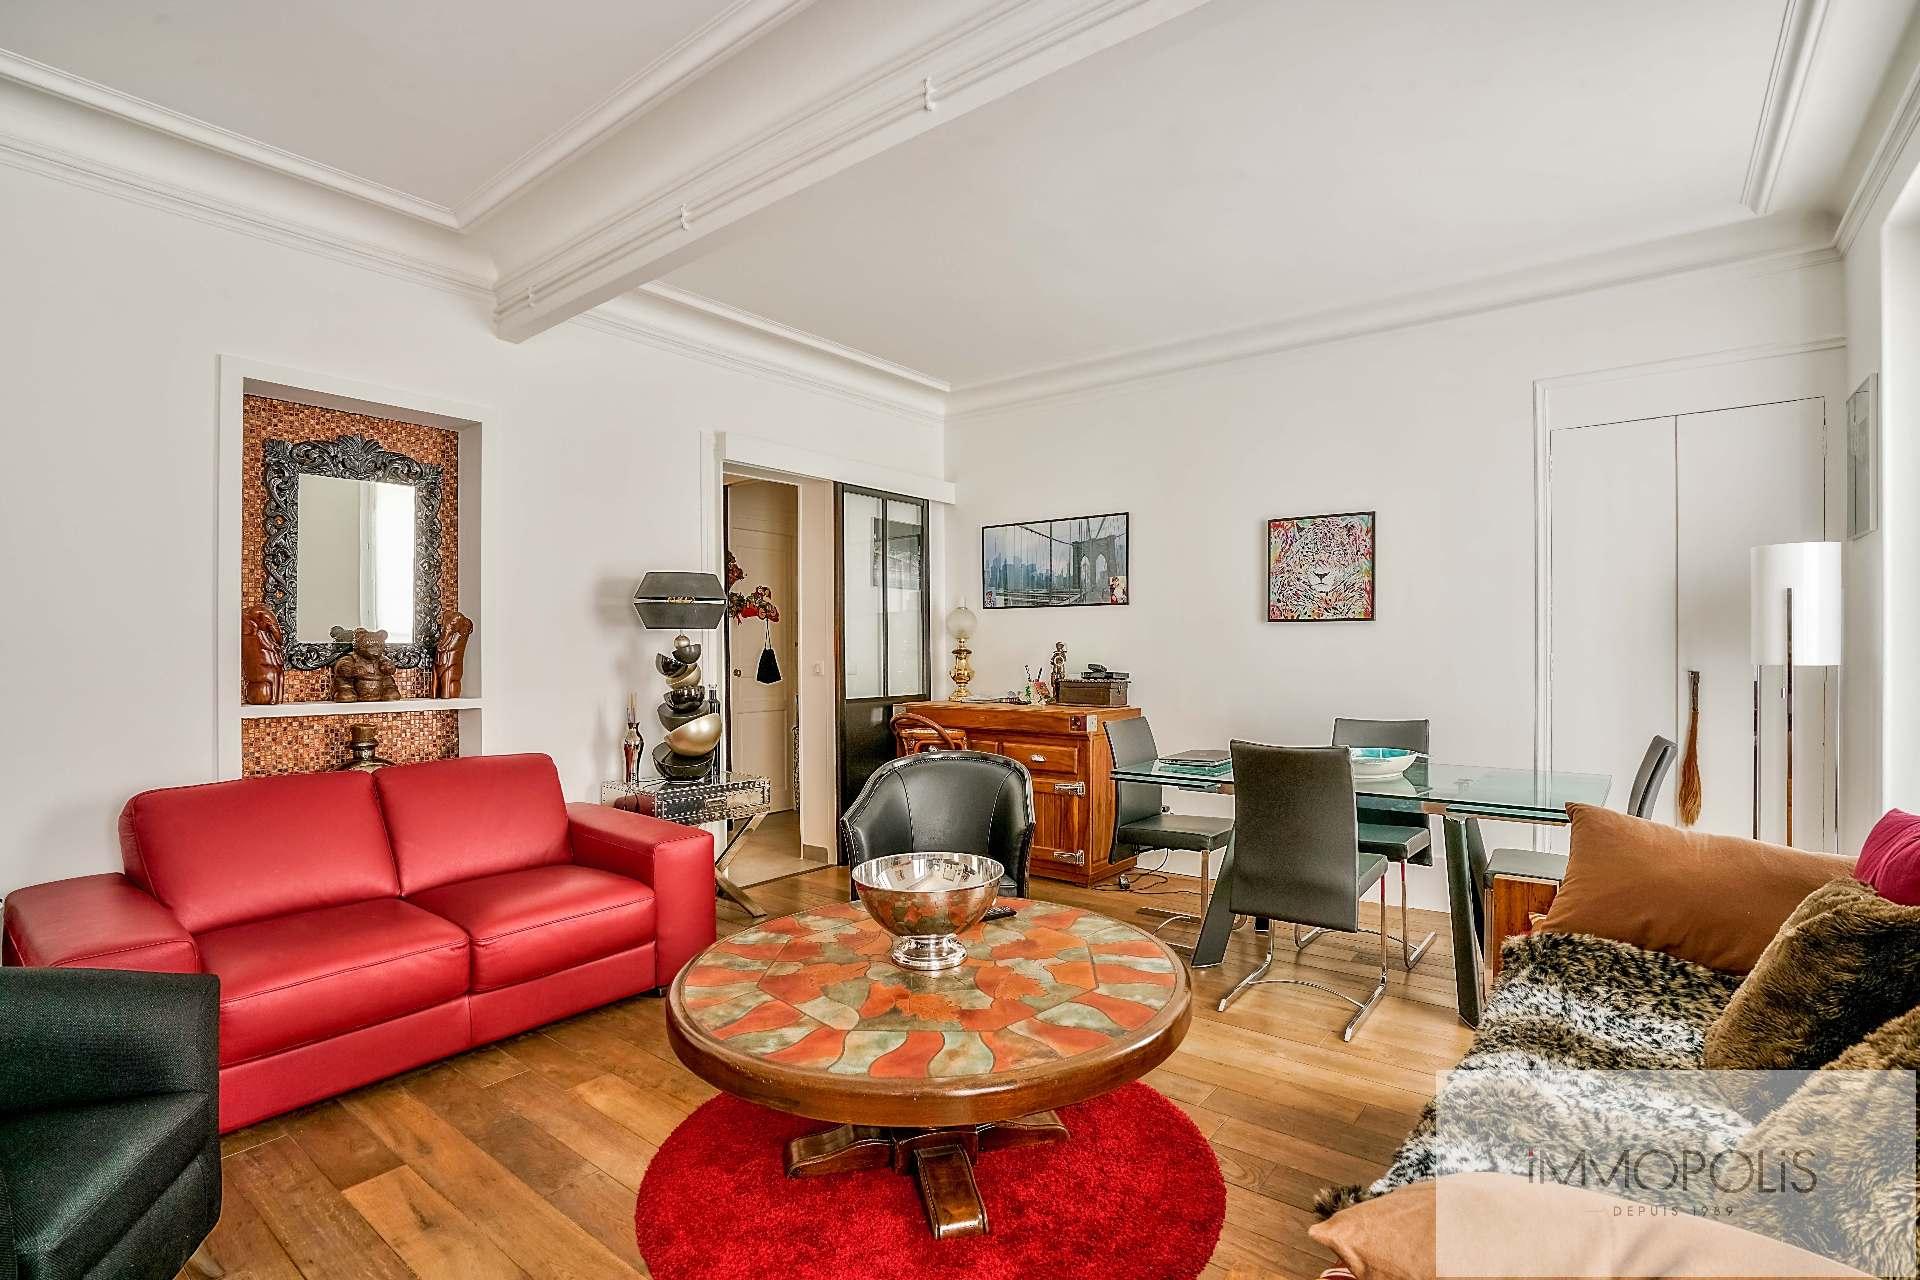 Abbesses, rue Constance : superbe 3 pièces (1 chambre) en 3e étage avec ascenseur : très belles prestations ! 9